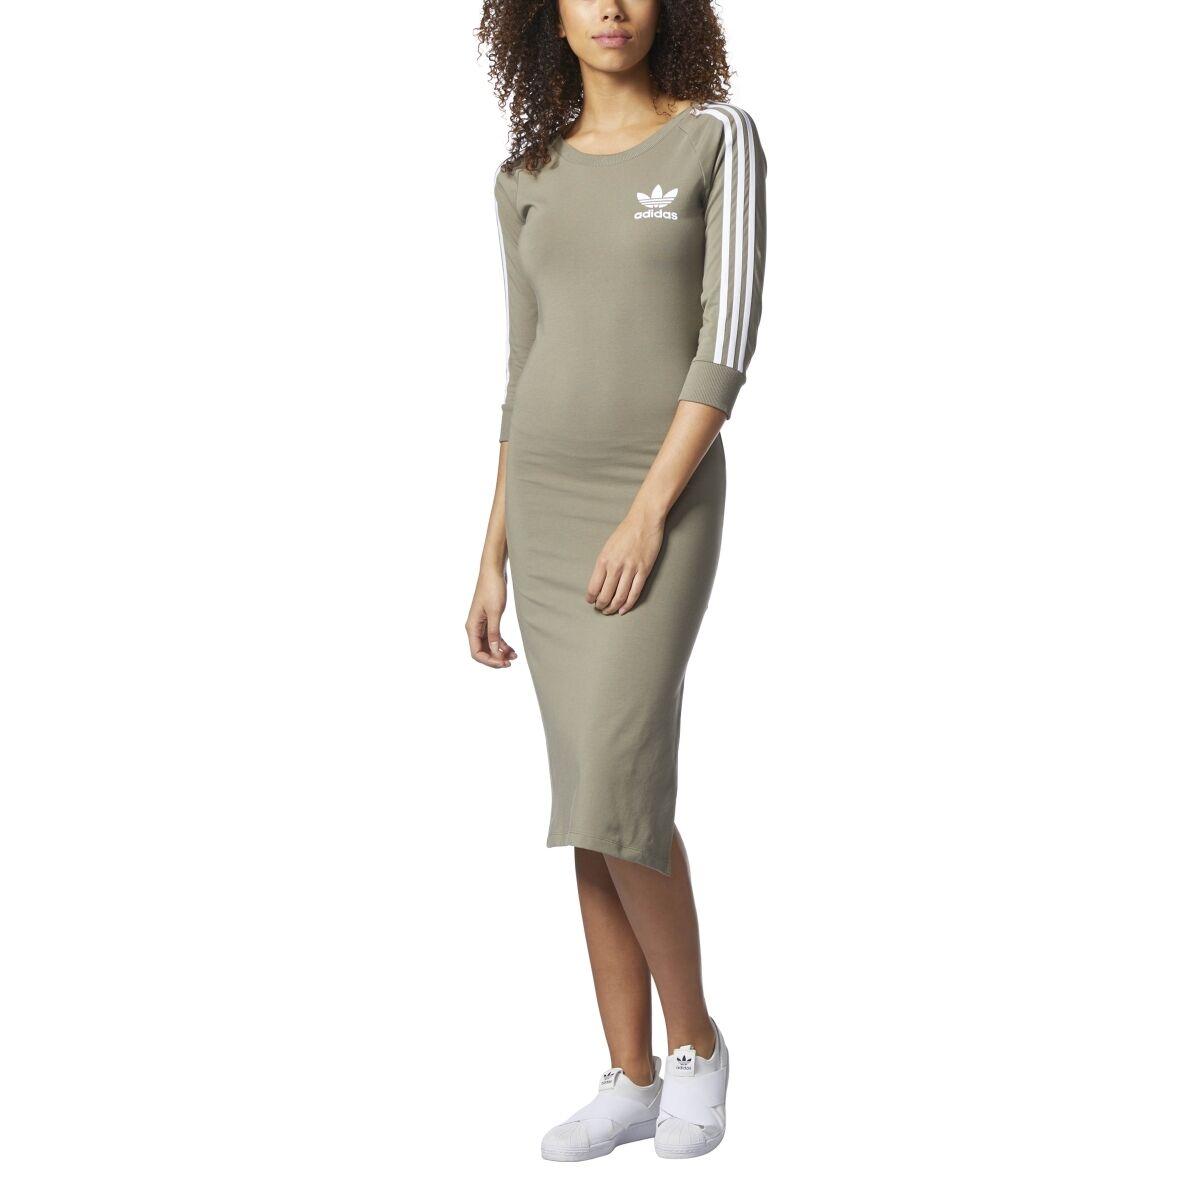 adidas 3 stripe dress. new women\u0027s adidas originals 3-stripes dress [cg1211] size small adidas 3 stripe dress